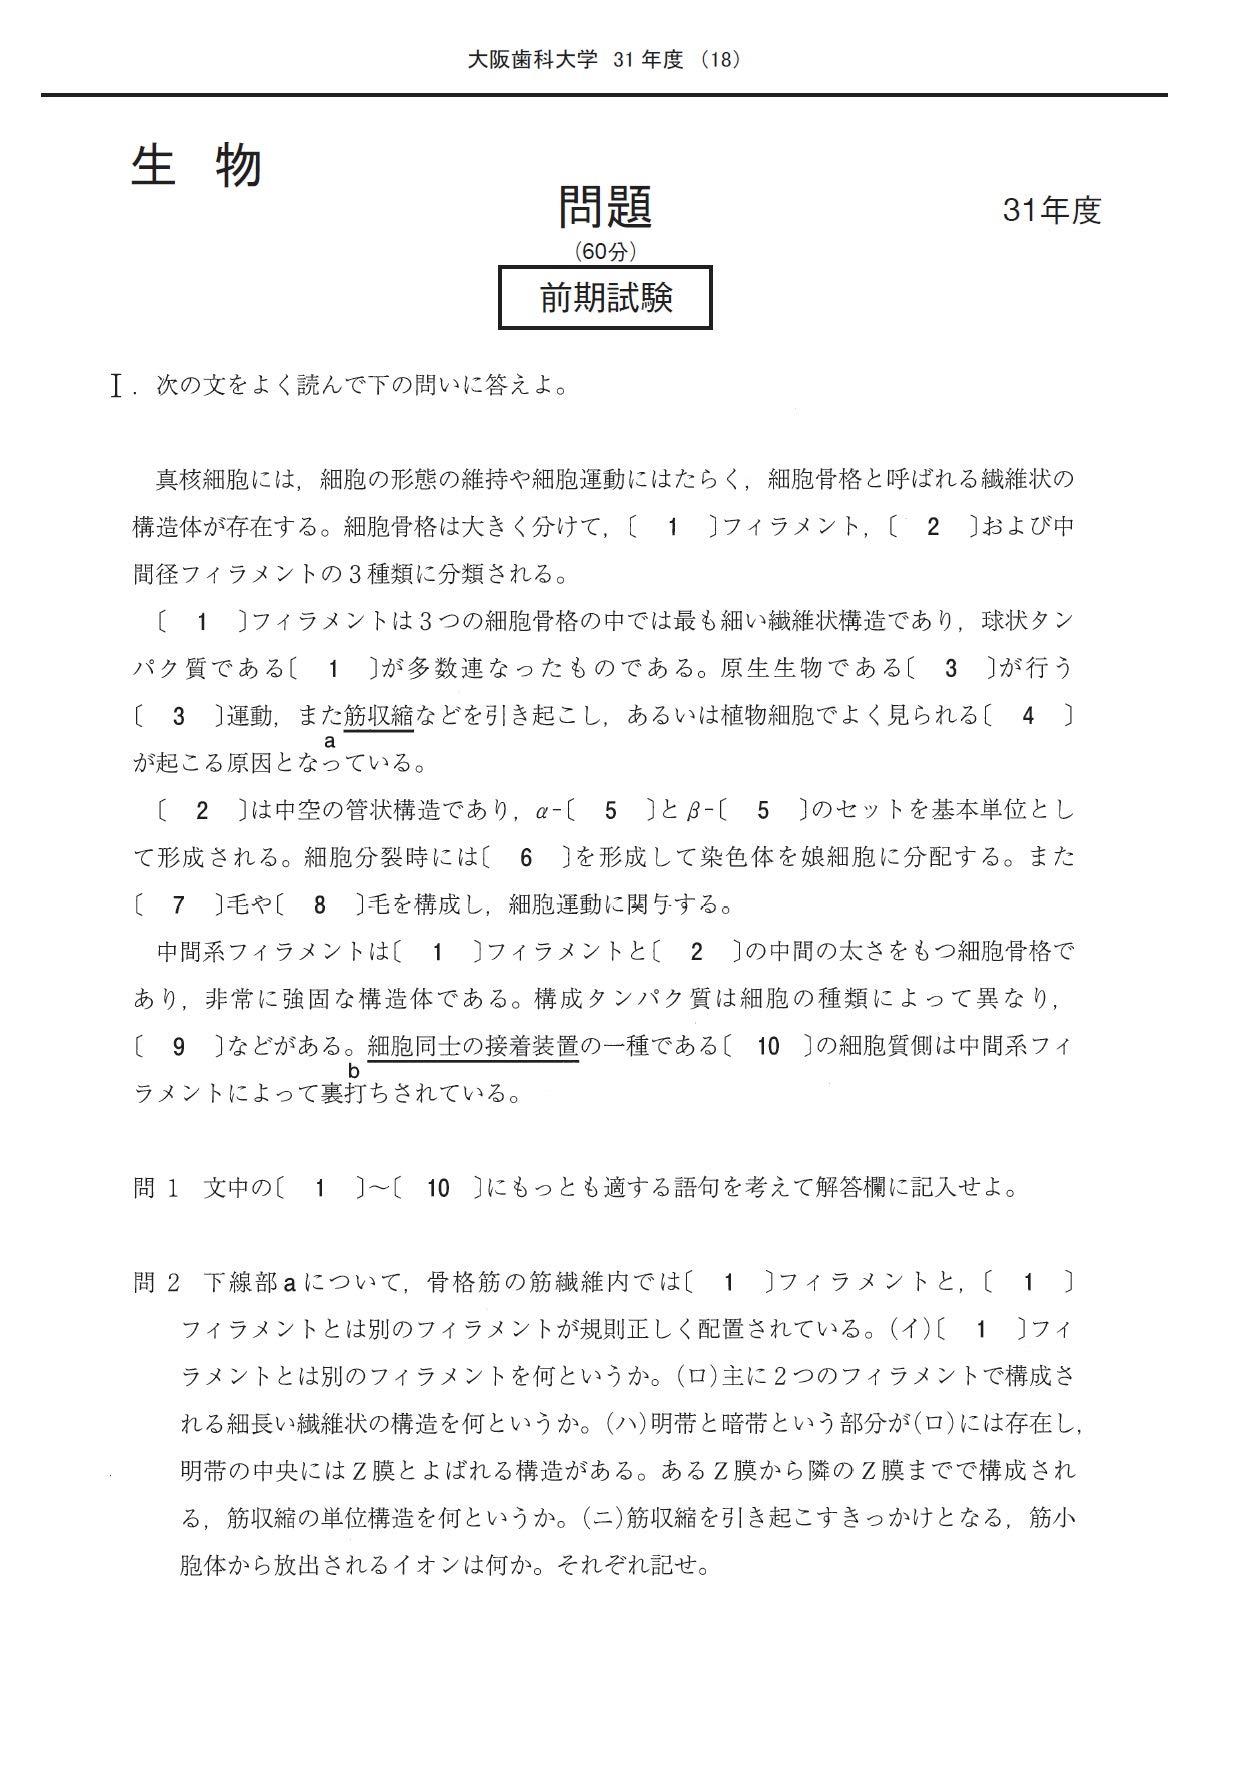 大学 大阪 歯科